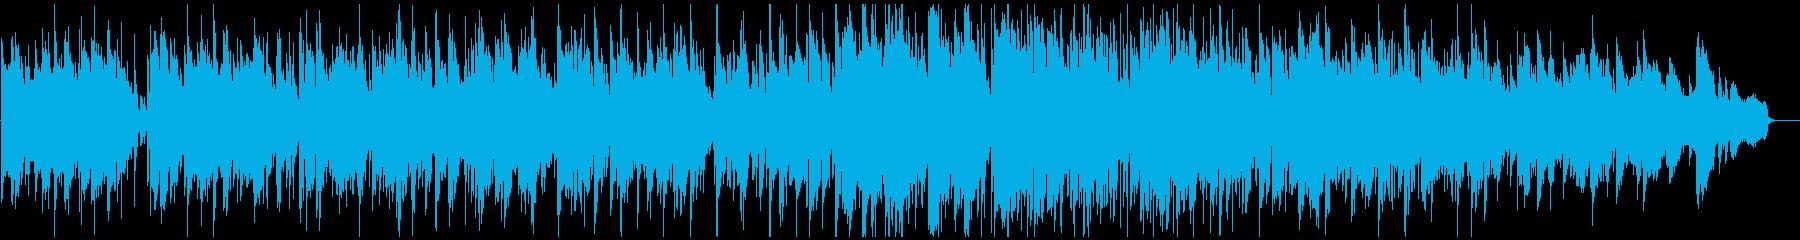 納涼ジャズボサノバ ゆらゆらリラックスの再生済みの波形